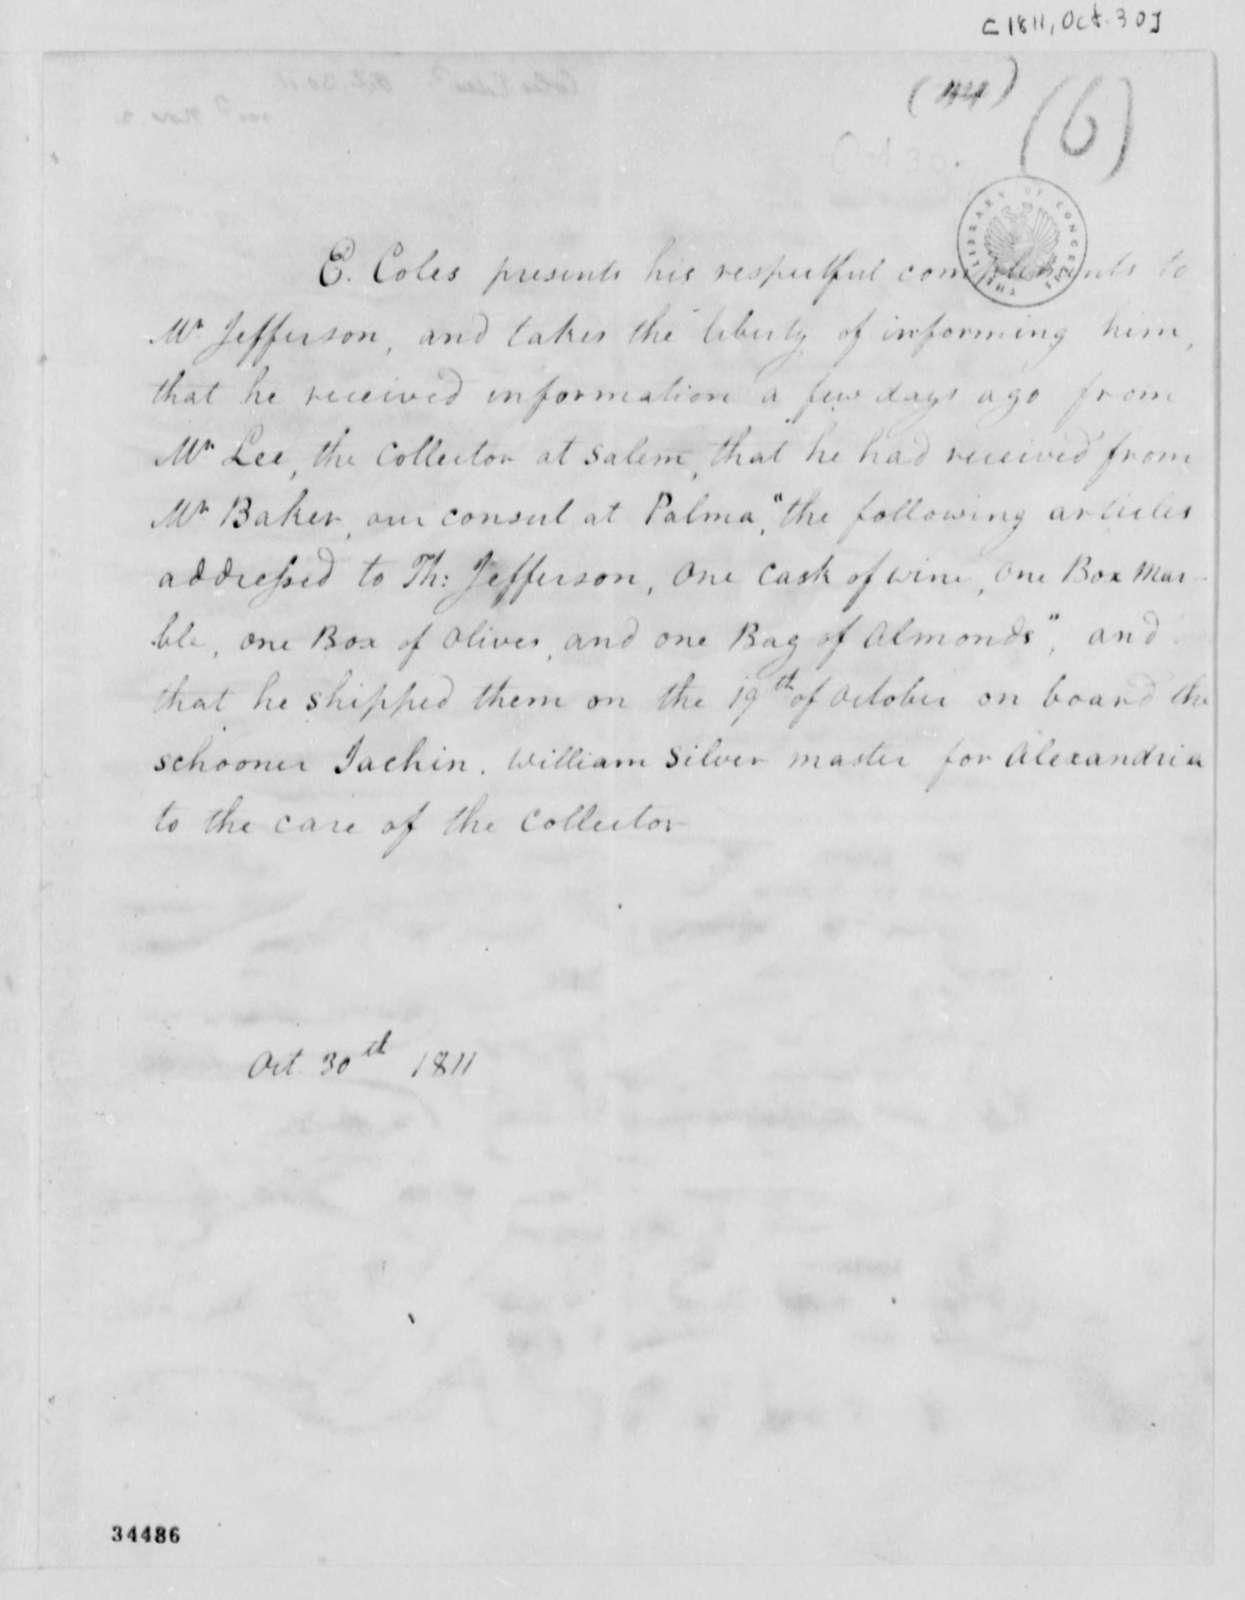 Edward Coles to Thomas Jefferson, October 30, 1811